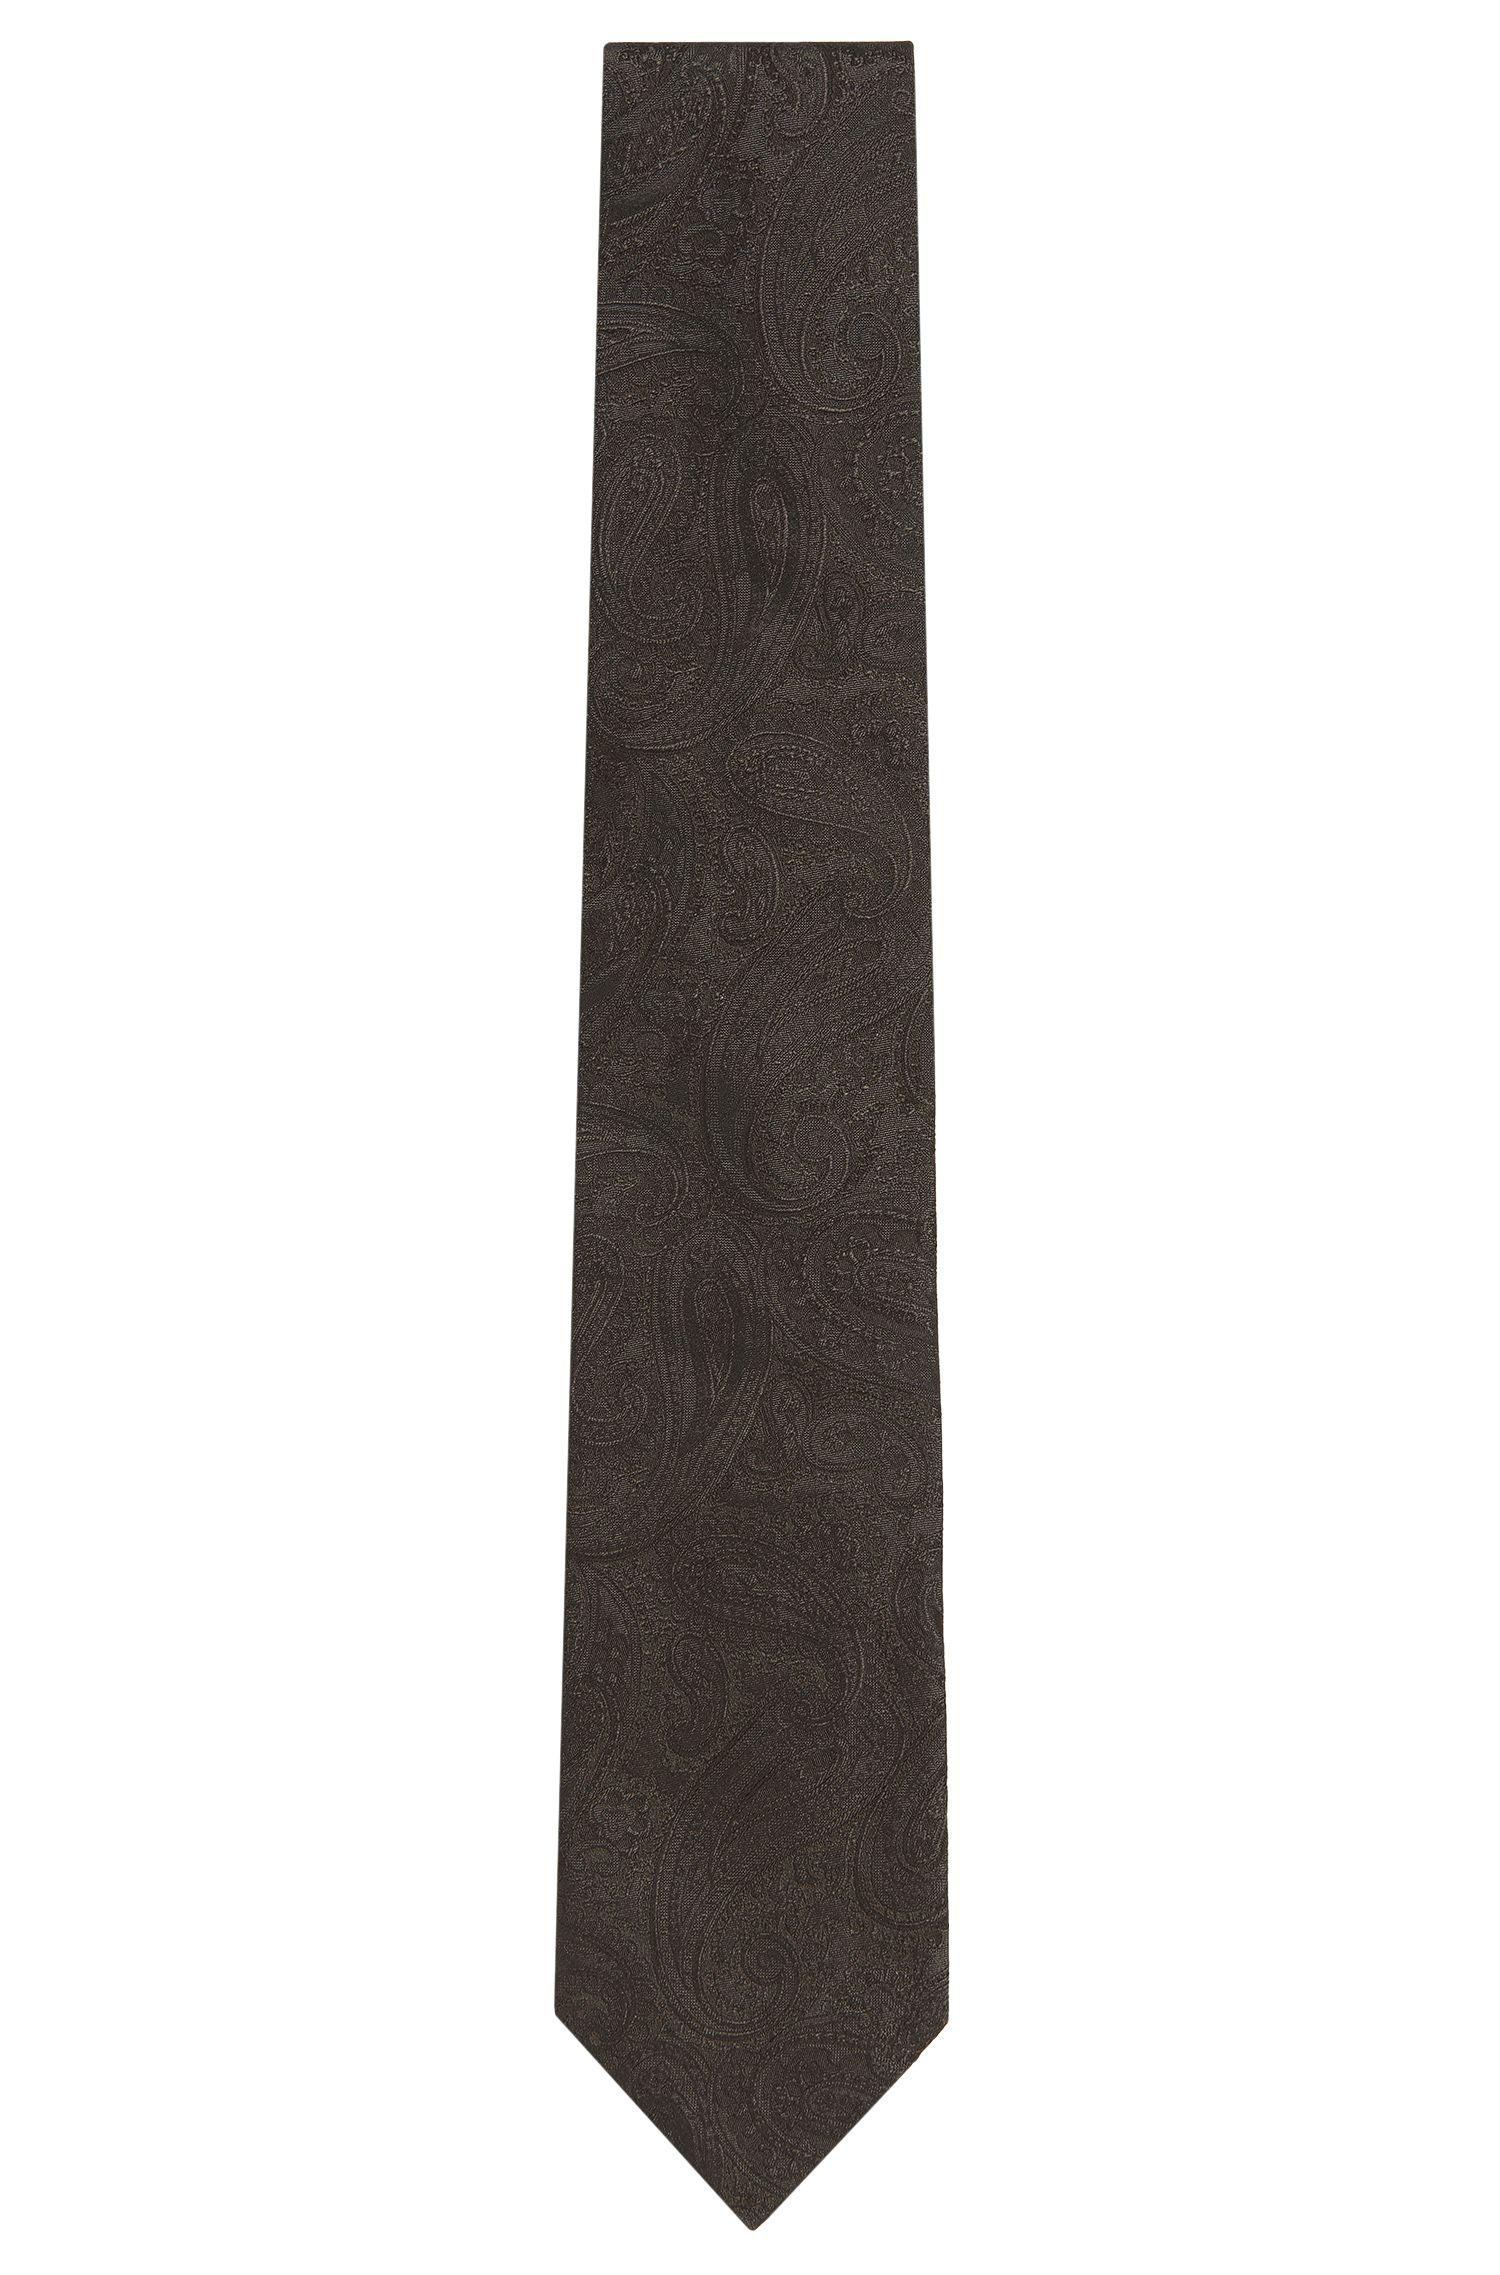 Zijden stropdas met paisleydessin: 'Tie cm 7'